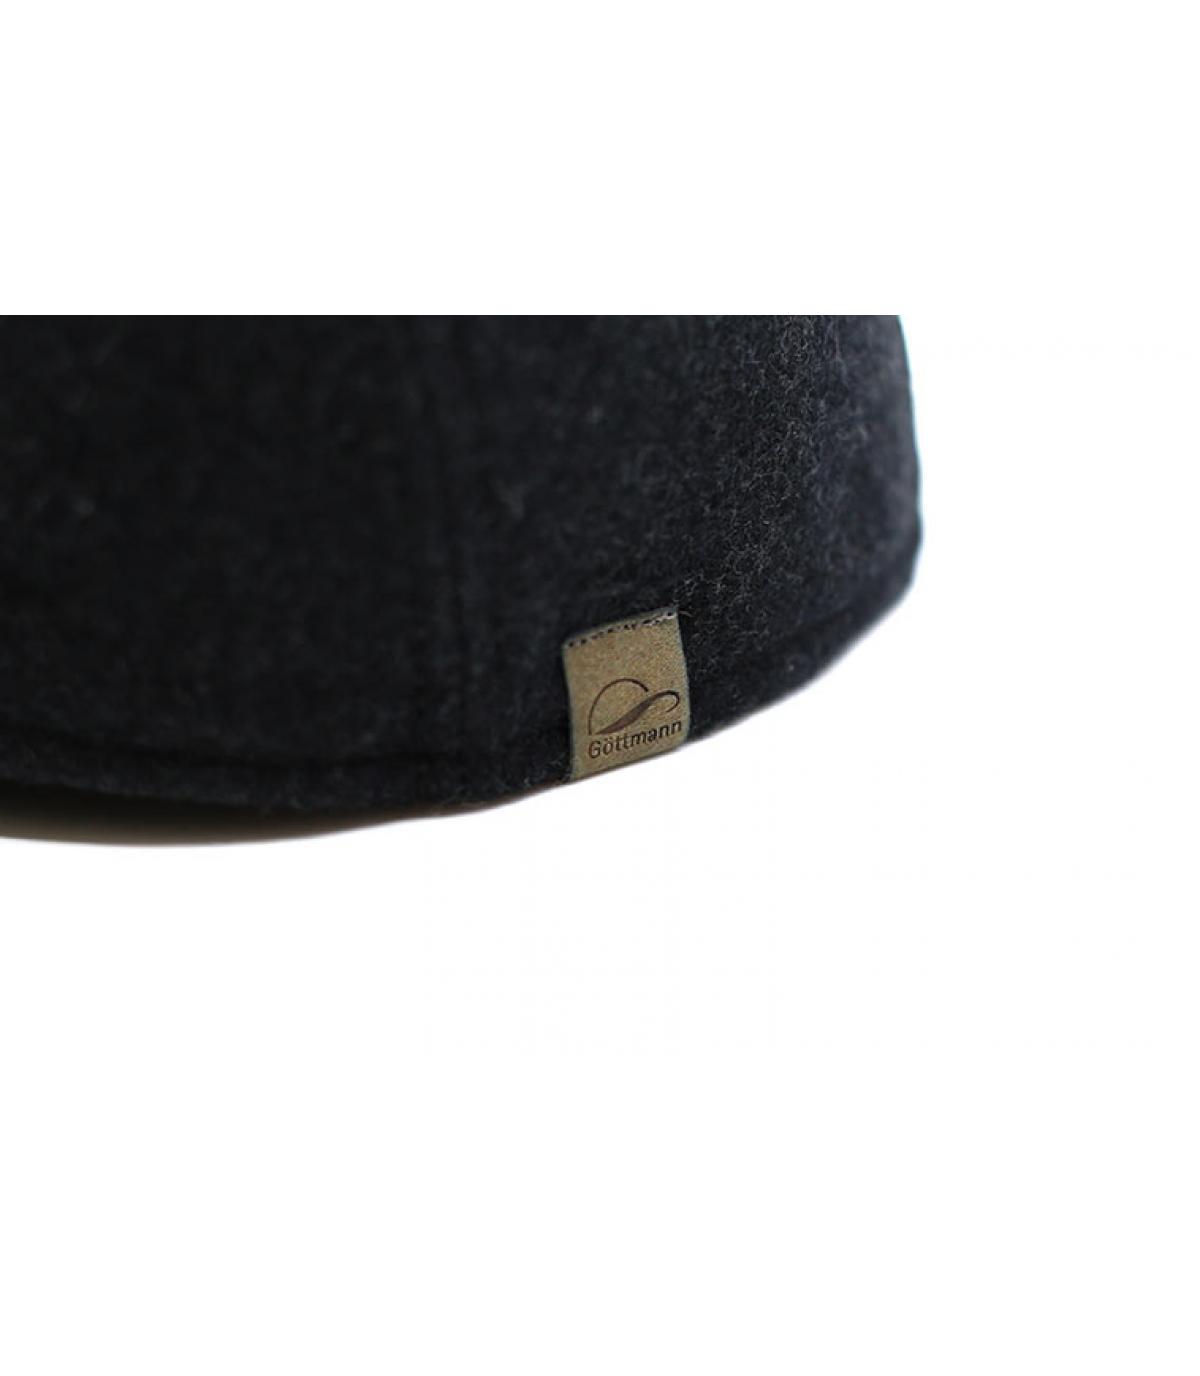 Details Gatsby Wolle grau - Abbildung 3